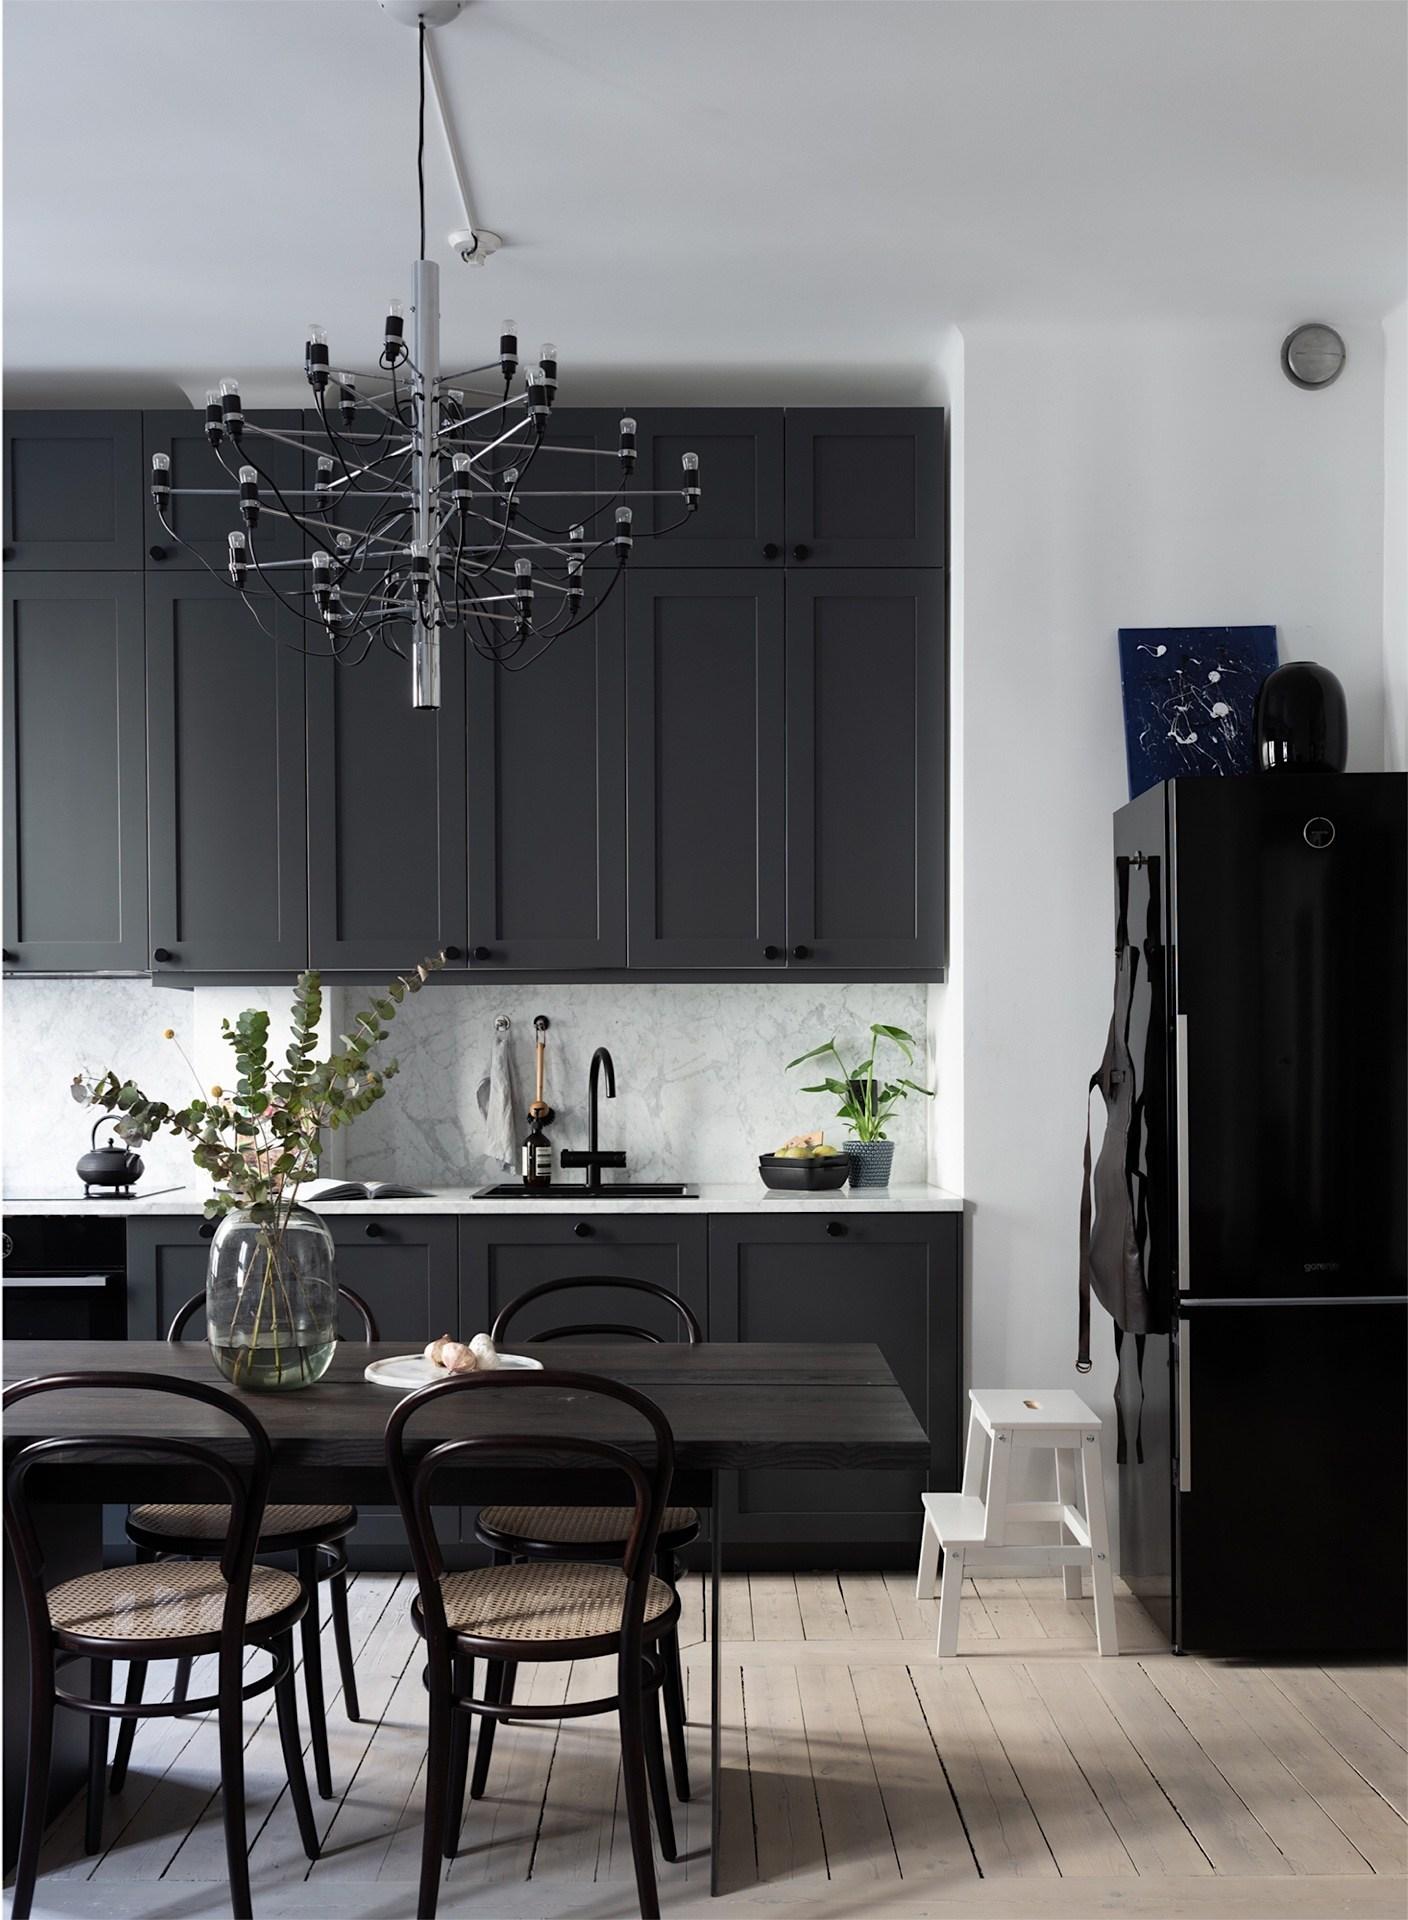 Khu vực bếp được lắp đặt hệ thống tủ trên và tủ dưới